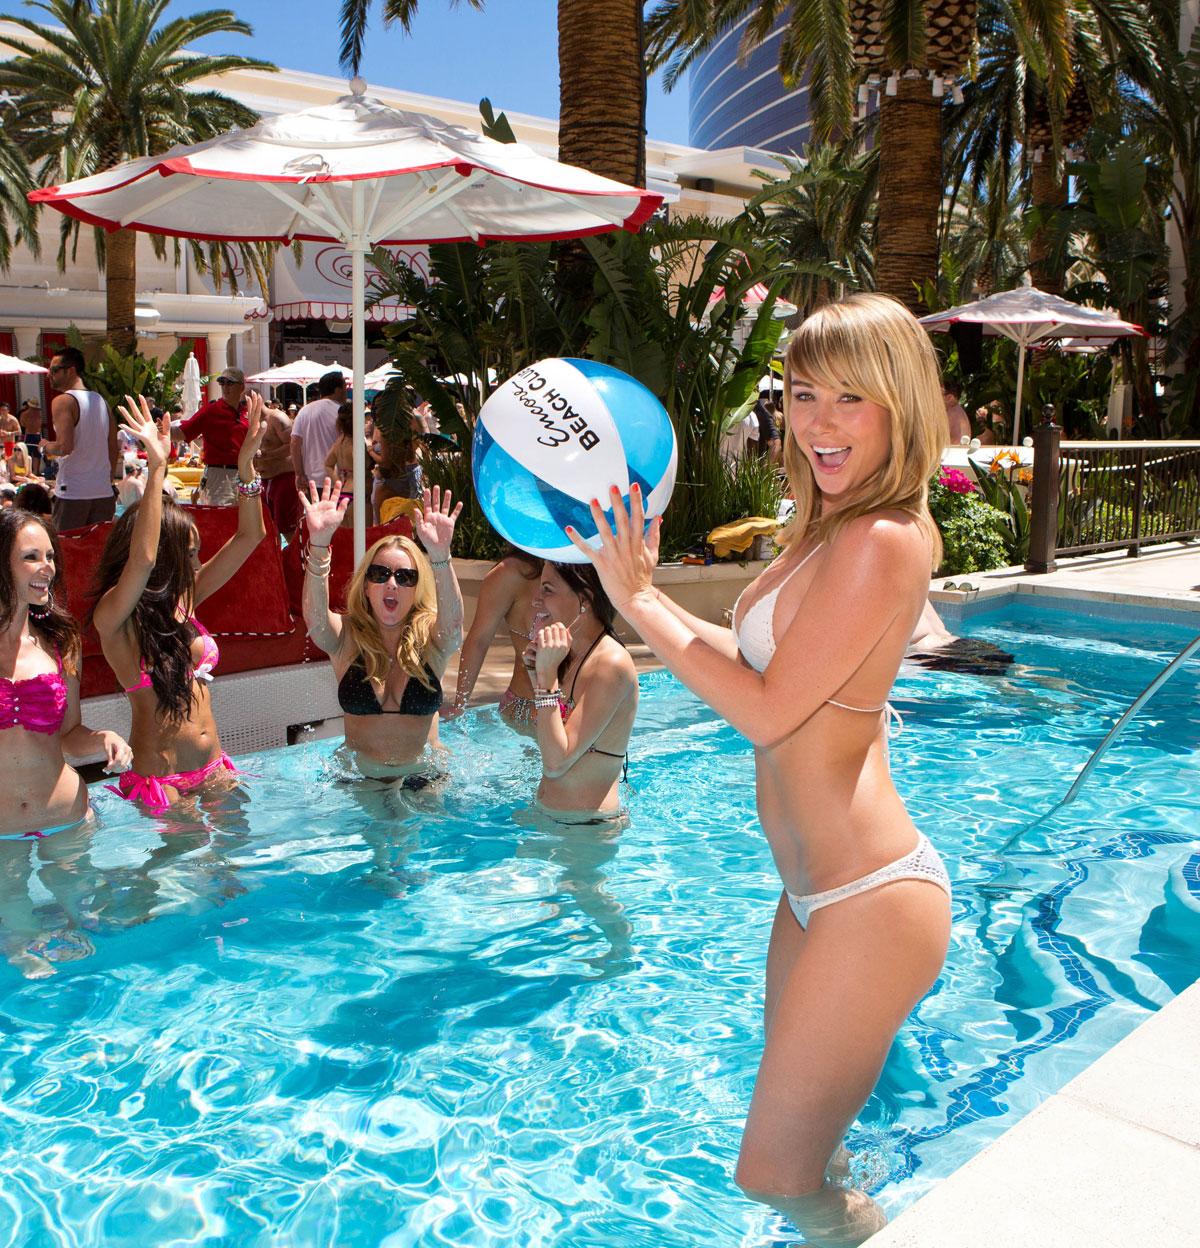 beach-bikini-pool-sara-sex-on-mountian-area-in-pornhub